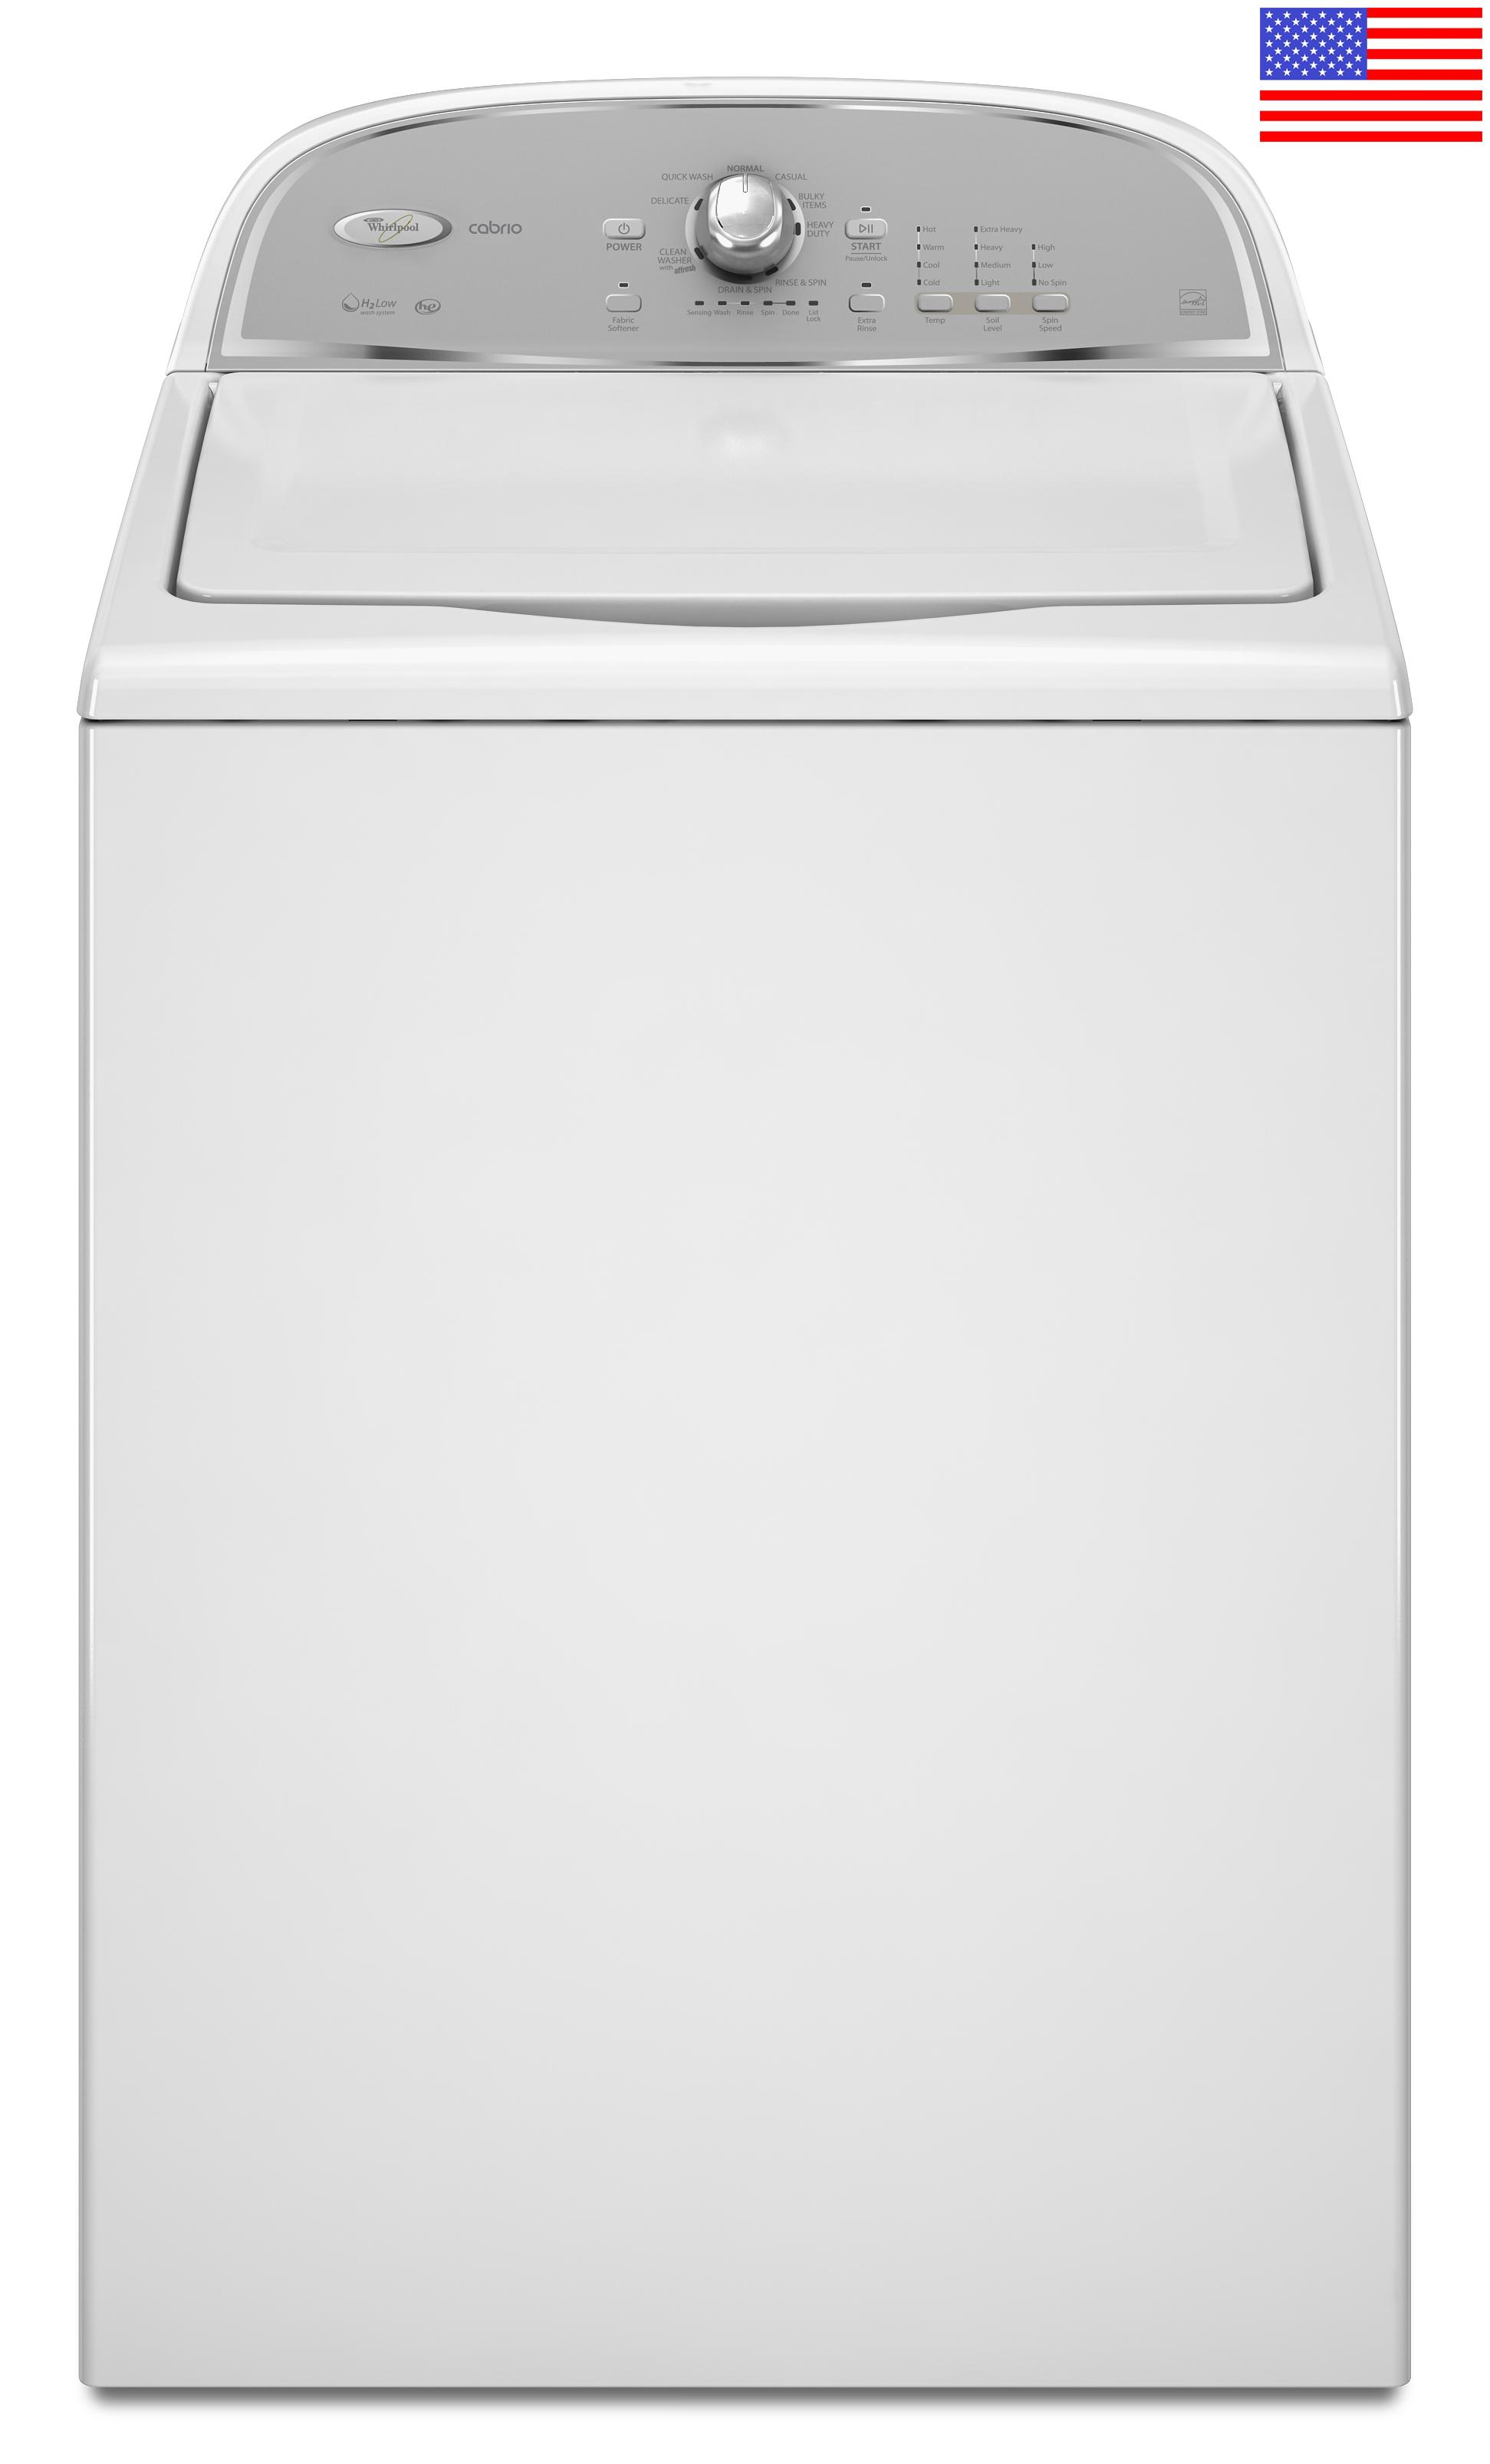 fabulous hola fermin esta es la imagen de la lavadora espero me puedas  ayudar gracias with